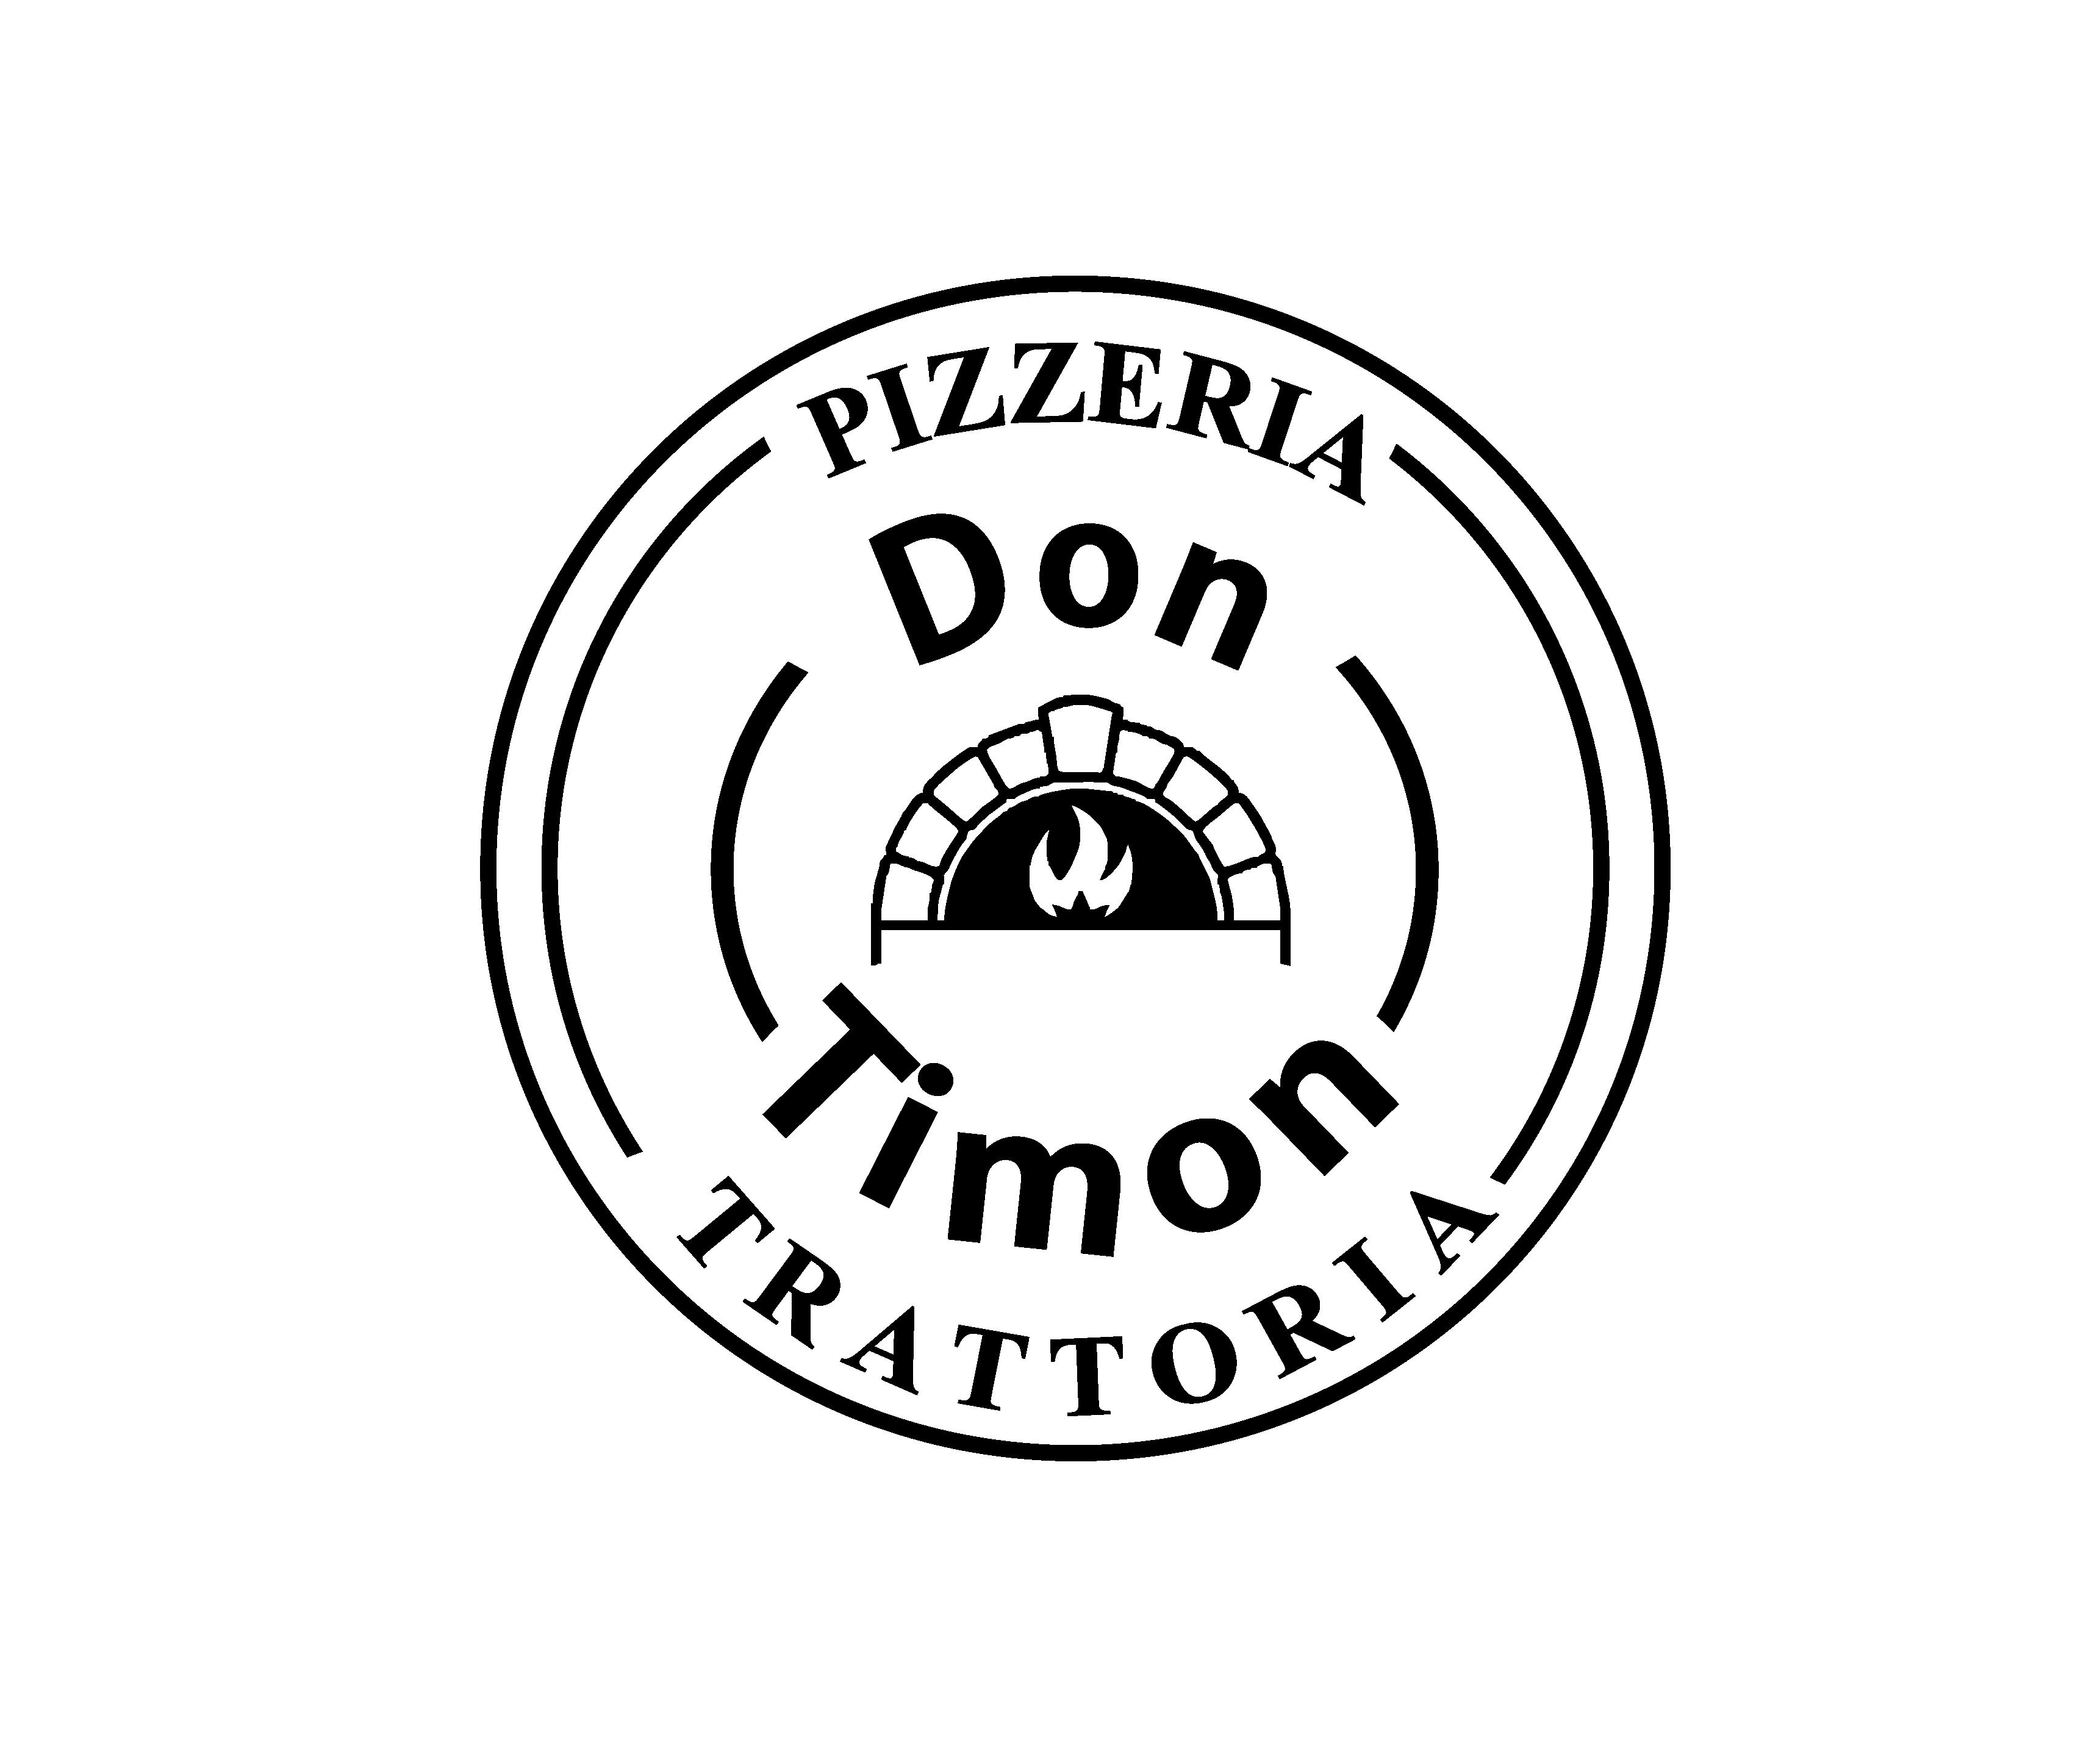 Don timon negro-02